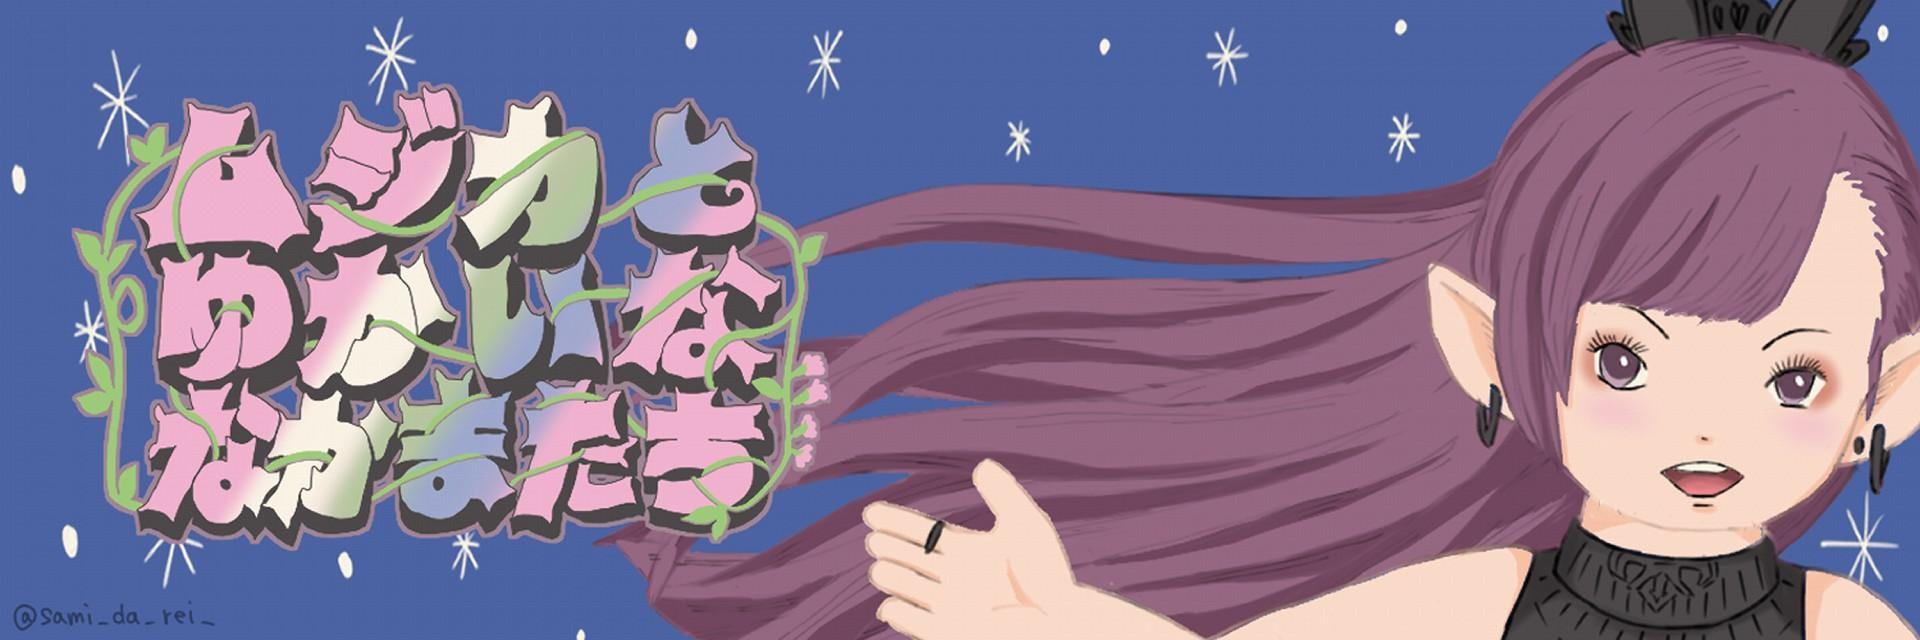 f:id:ryoushitsu-musica:20211017231633j:image